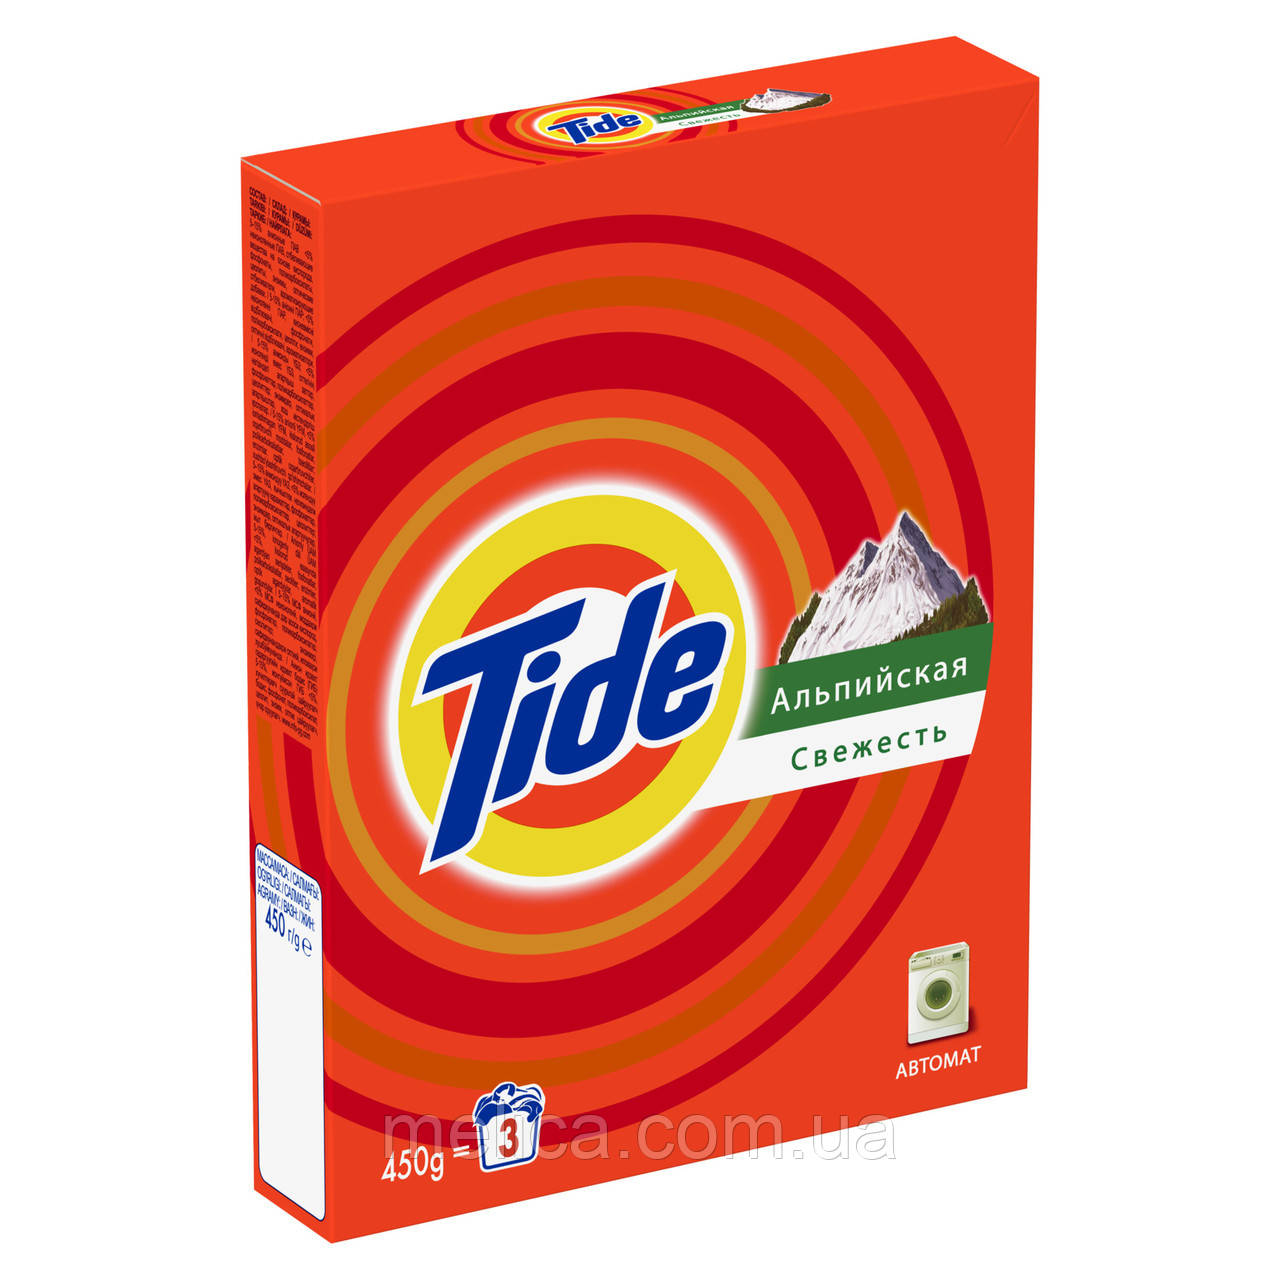 Стиральный порошок Tide Альпийская свежесть 450 г Автомат